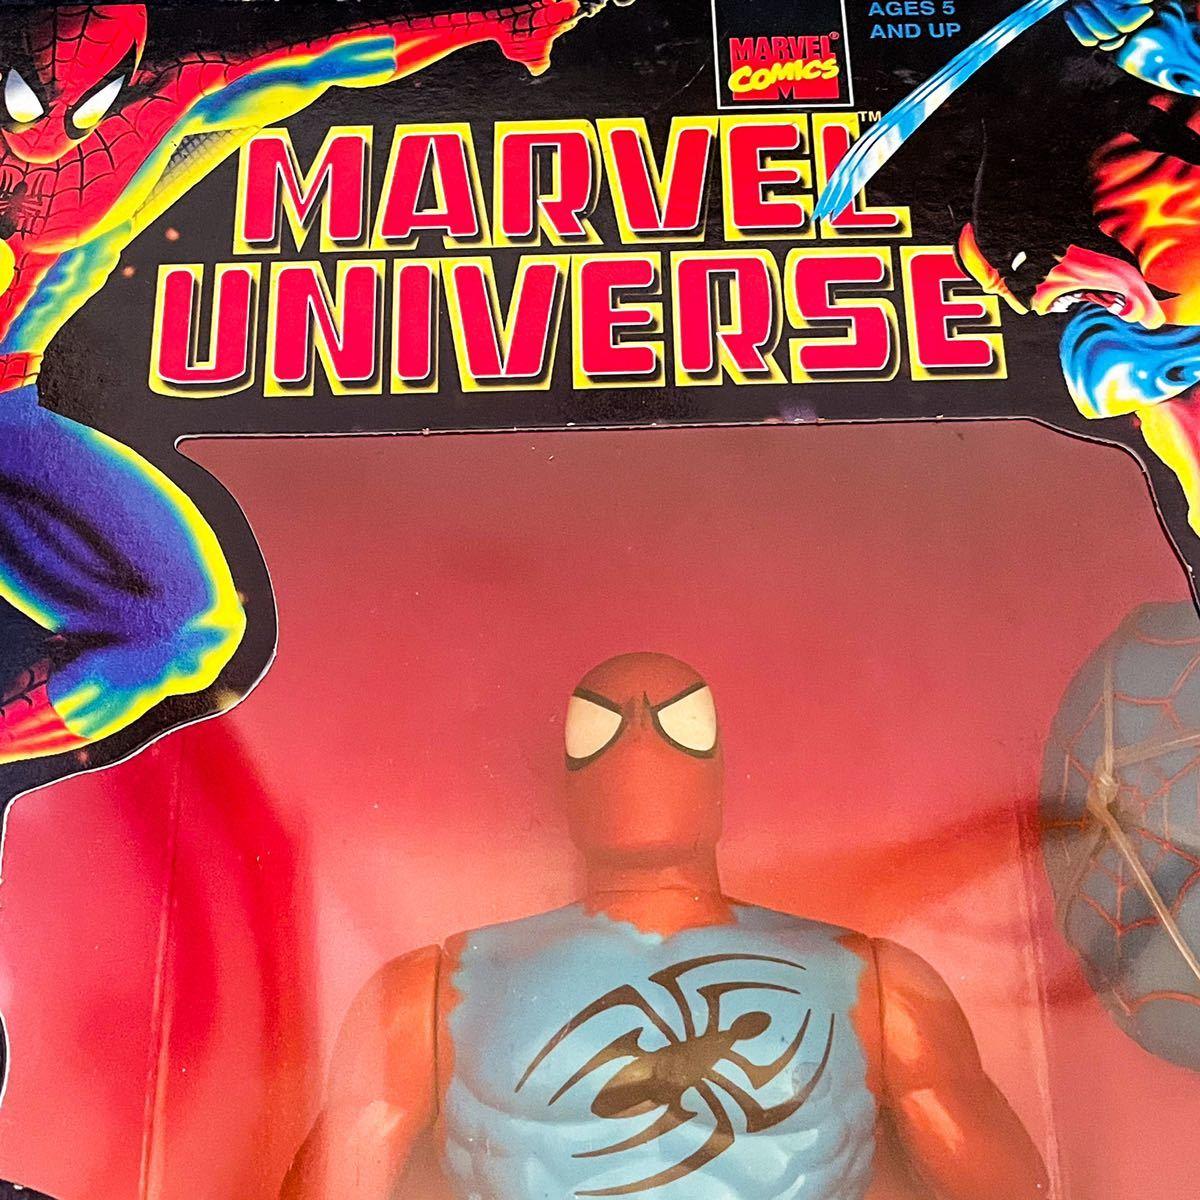 未開封 1997年製 TOYBIZ トイビズ マーベルユニバース 10インチアクションフィギュア SPIDER-MAN スパイダーマン スカーレットスパイダー_画像6